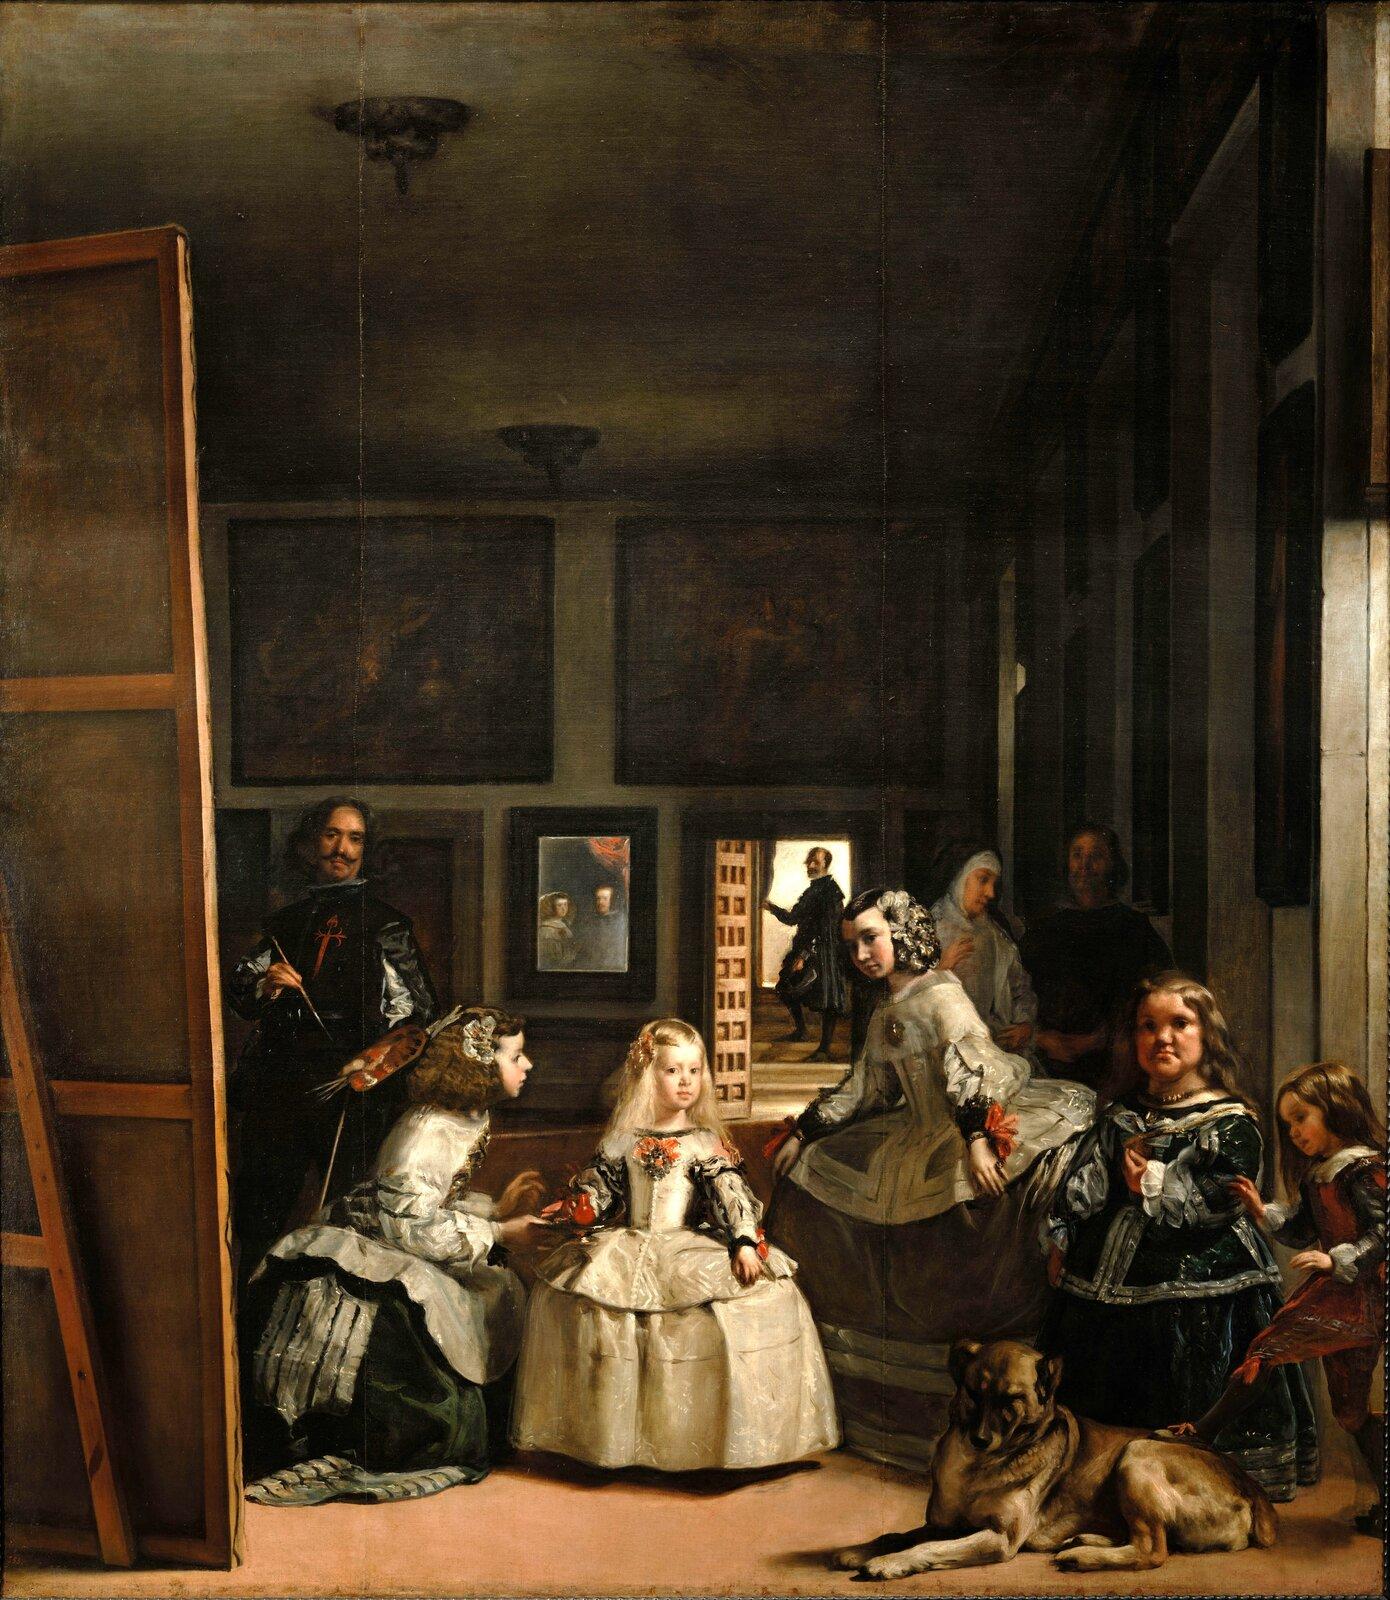 """Ilustracja przedstawia dzieło Velázqueza """"Panny dworskie"""". Obraz przedstawia pięcioletnią infantkę Małgorzatę Teresę. Dziewczynka stoi wcentralnej części płótna. Ubrana jest wbiałą, jedwabna suknię, zgodną zówczesną hiszpańską modą. Otaczają ją dworzanie. Po lewej, jedna zdwórek, Maria Augustina Sarmiento, ubrana wciemnozieloną, aksamitną suknię, oferuje księżniczce napój wglinianym, czerwonym dzbanuszku podanym na srebrnej tacy. Druga – Isabel de Velasco stoi po prawej stronie wjedwabnej, szarej sukni iwukłonie pochyla się wstronę następczyni tronu. Nieco bliżej widza, wprawym rogu obrazu, stoi karlica zwana Maribarbola ubrana wciemnoniebieską suknię wykończoną białą lamówką. Jej twarz skierowana jest wstronę widza, poza ramy obrazu. Obok niej malarz ukazał pazia, Nicolasa Pertusato, szturchającego nogą dużego psa. Na drugim planie, nieco wcieniu stoją dwie postacie zajęte rozmową. To opiekunka infantki Marcela de Ulloa, ubrana wstrój przypominający szatę mniszki, oraz ubrany na czarno ochmistrz, czyli zarządca dworu, atakże opiekun małej Małgorzaty. Za nimi, wgłębi pomieszczenia, wotwartych na oścież drzwiach stoi Jose de Nieto – majordomus iszambelan królowej, aposentador (czyli zarządca, marszałek dworu) na królewskim dworze. Stoi on na schodach, prawą dłonią odsuwa wiszącą wdrzwiach kotarę, wpuszczając do pomieszczenia jasne, dzienne światło. Lewa strona obrazu zdominowana jest natomiast przez olbrzymie płótno, przed którym stoi sam Velázquez, zpaletą wlewej idługim pędzlem wprawej ręce. Wychyla się on nieco zza płótna, zerkając przed siebie, wstronę modeli, którzy prawdopodobnie stoją przed nim, wmiejscu widza. Artysta ubrany jest wciemny strój. Ujego pasa wisi klucz do komnaty iklucz szambelański. Jego pierś zdobi zaś szkarłatny krzyż Zakonu św. Jakuba – symbol uzyskanego niedawno szlachectwa. Jeśli się dobrze przyjrzeć, na tylnej ścianie pomieszczenia, wktórym rozgrywa się namalowana scena, widać lustro, wktórym odbija się para królewska, Filip IV Habsburg i"""